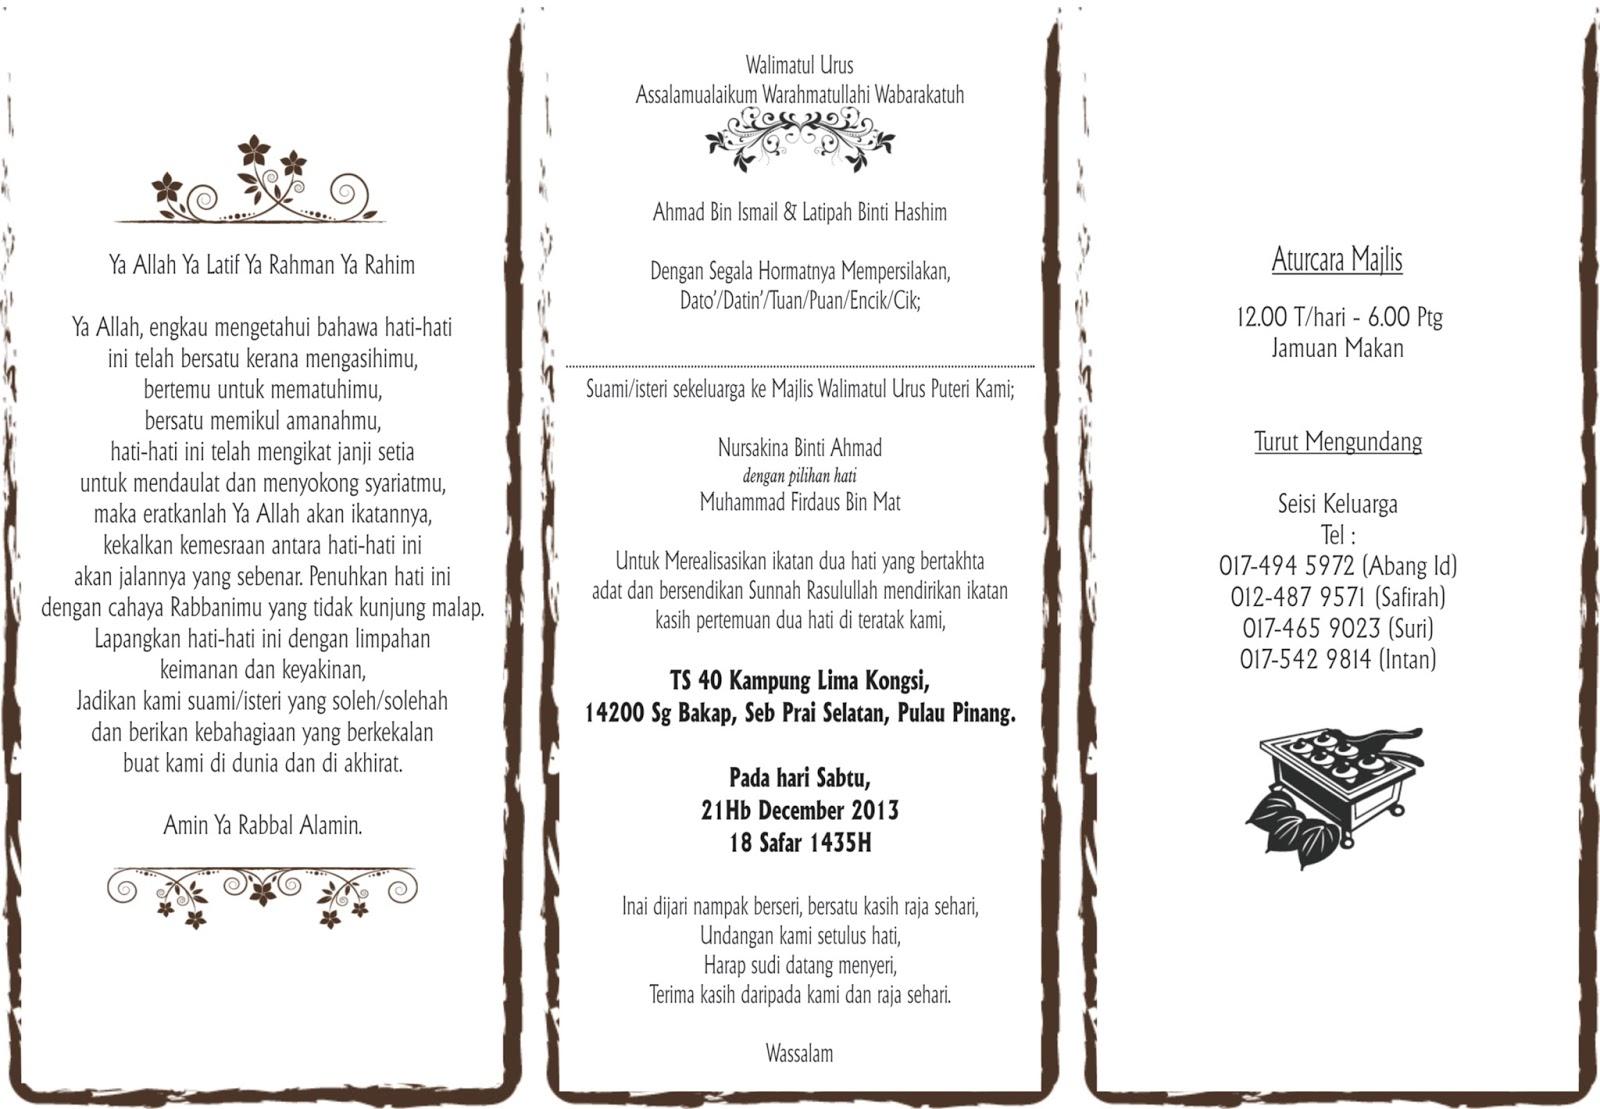 kad jemputan Siapa kata kad jemputan kahwin murah tidak cantik dan berkualiti ezcetak menyediakan kad kahwin murah, cantik, unik dan berkualiti dengan warna kalis air eksklusif di atas artcard 260gsm.